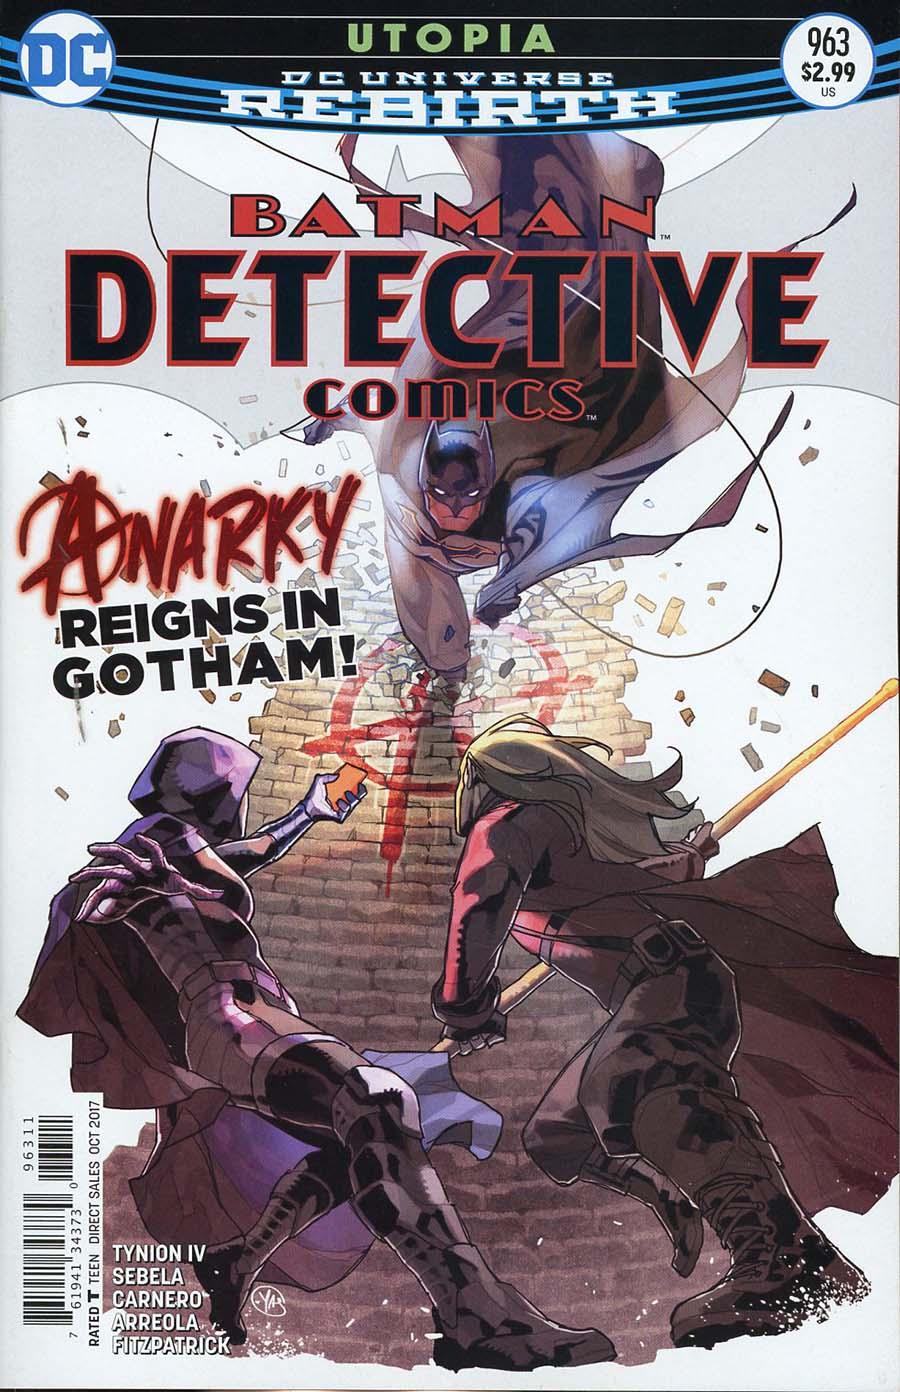 Batman - Detective Comics 963 - Utopia